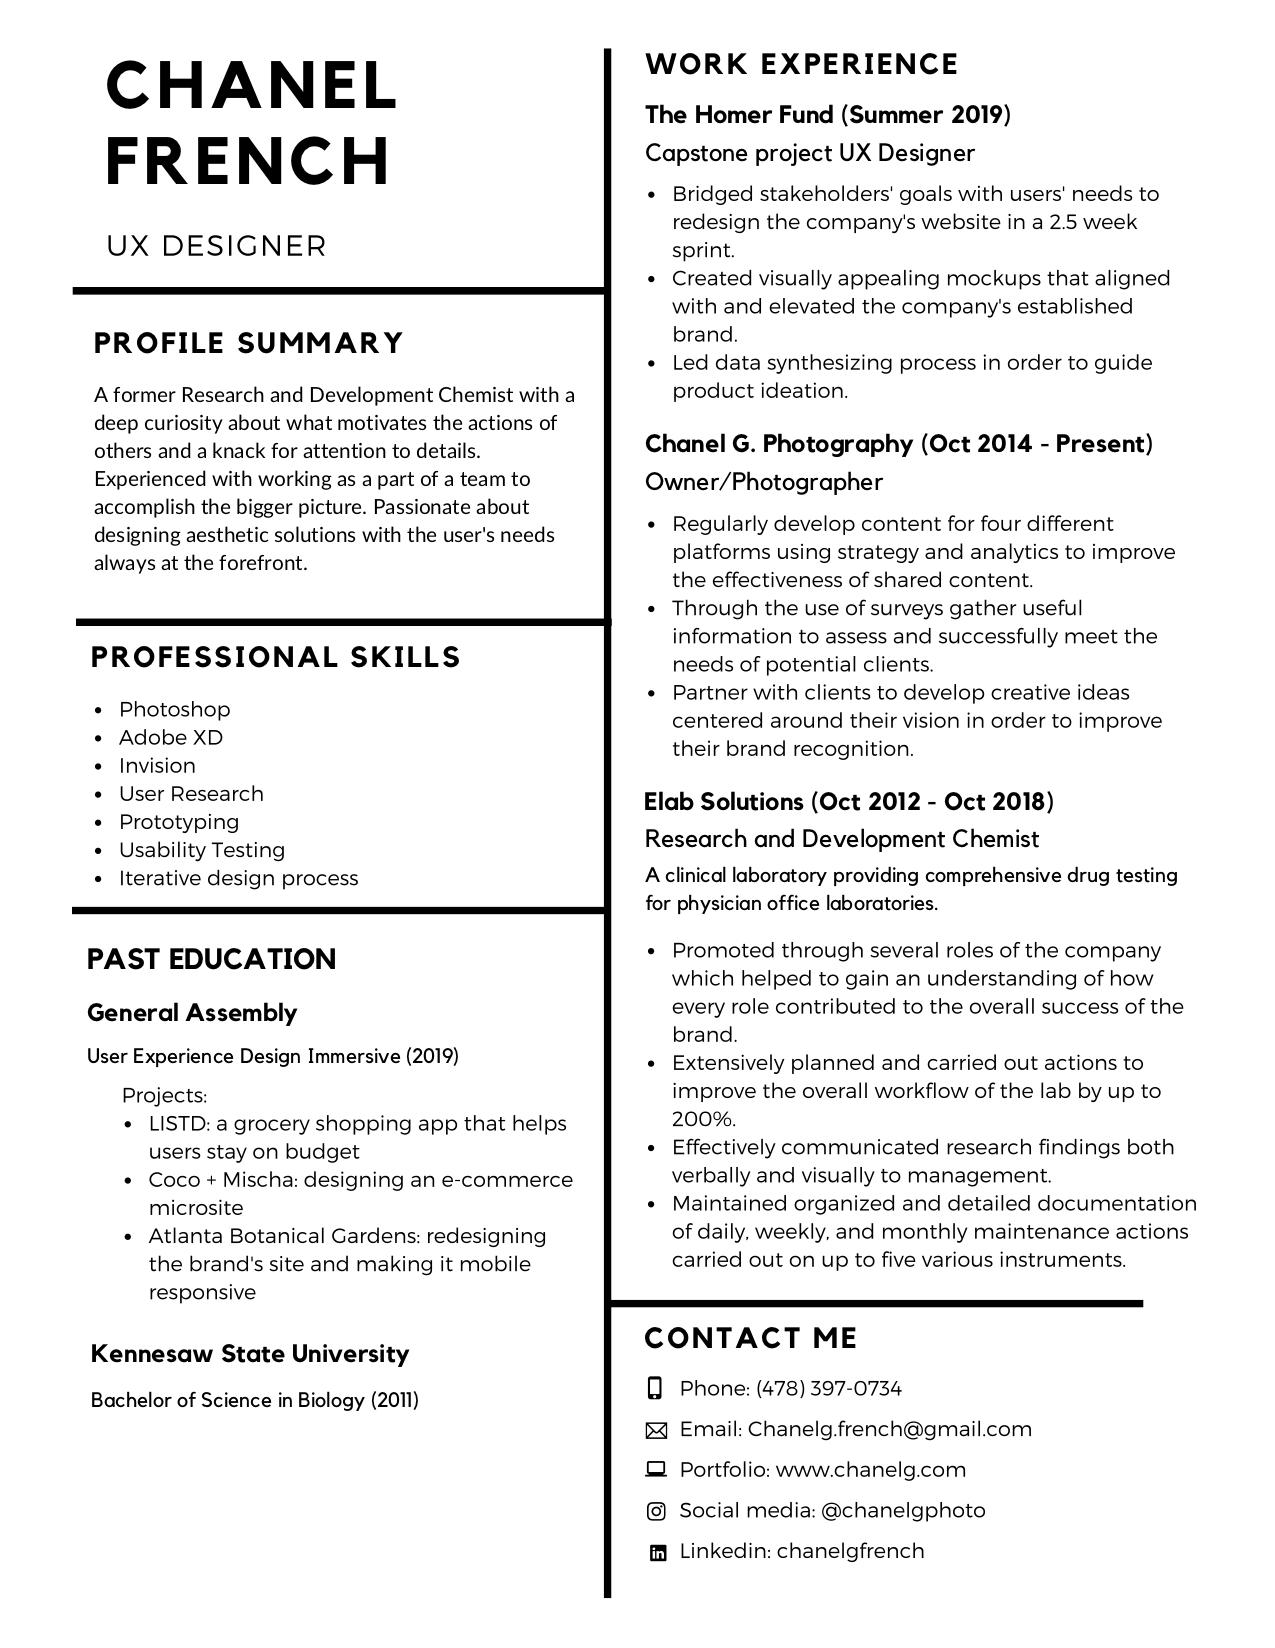 Chanel French_Resume.jpg